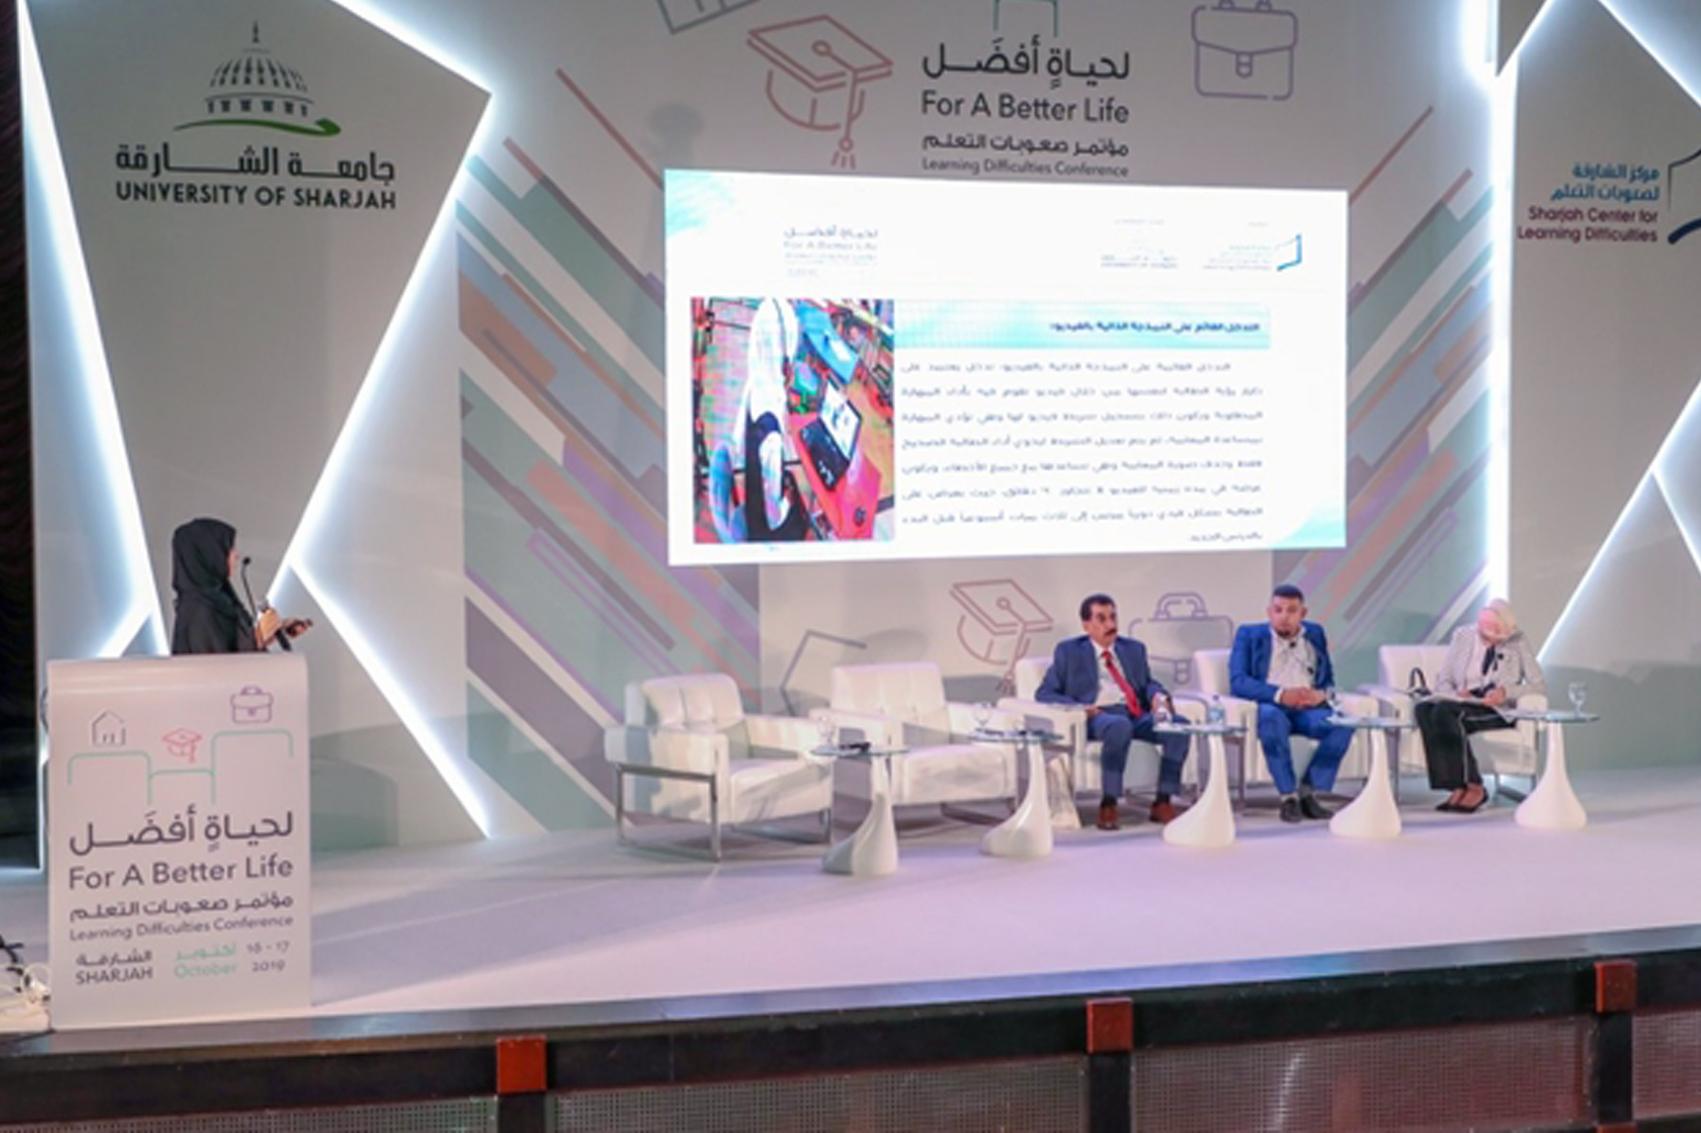 الشيخ سالم القاسمي يفتتحُ مؤتمرَ الشارقة لصعوبات التعلم (لحياة أفضل)